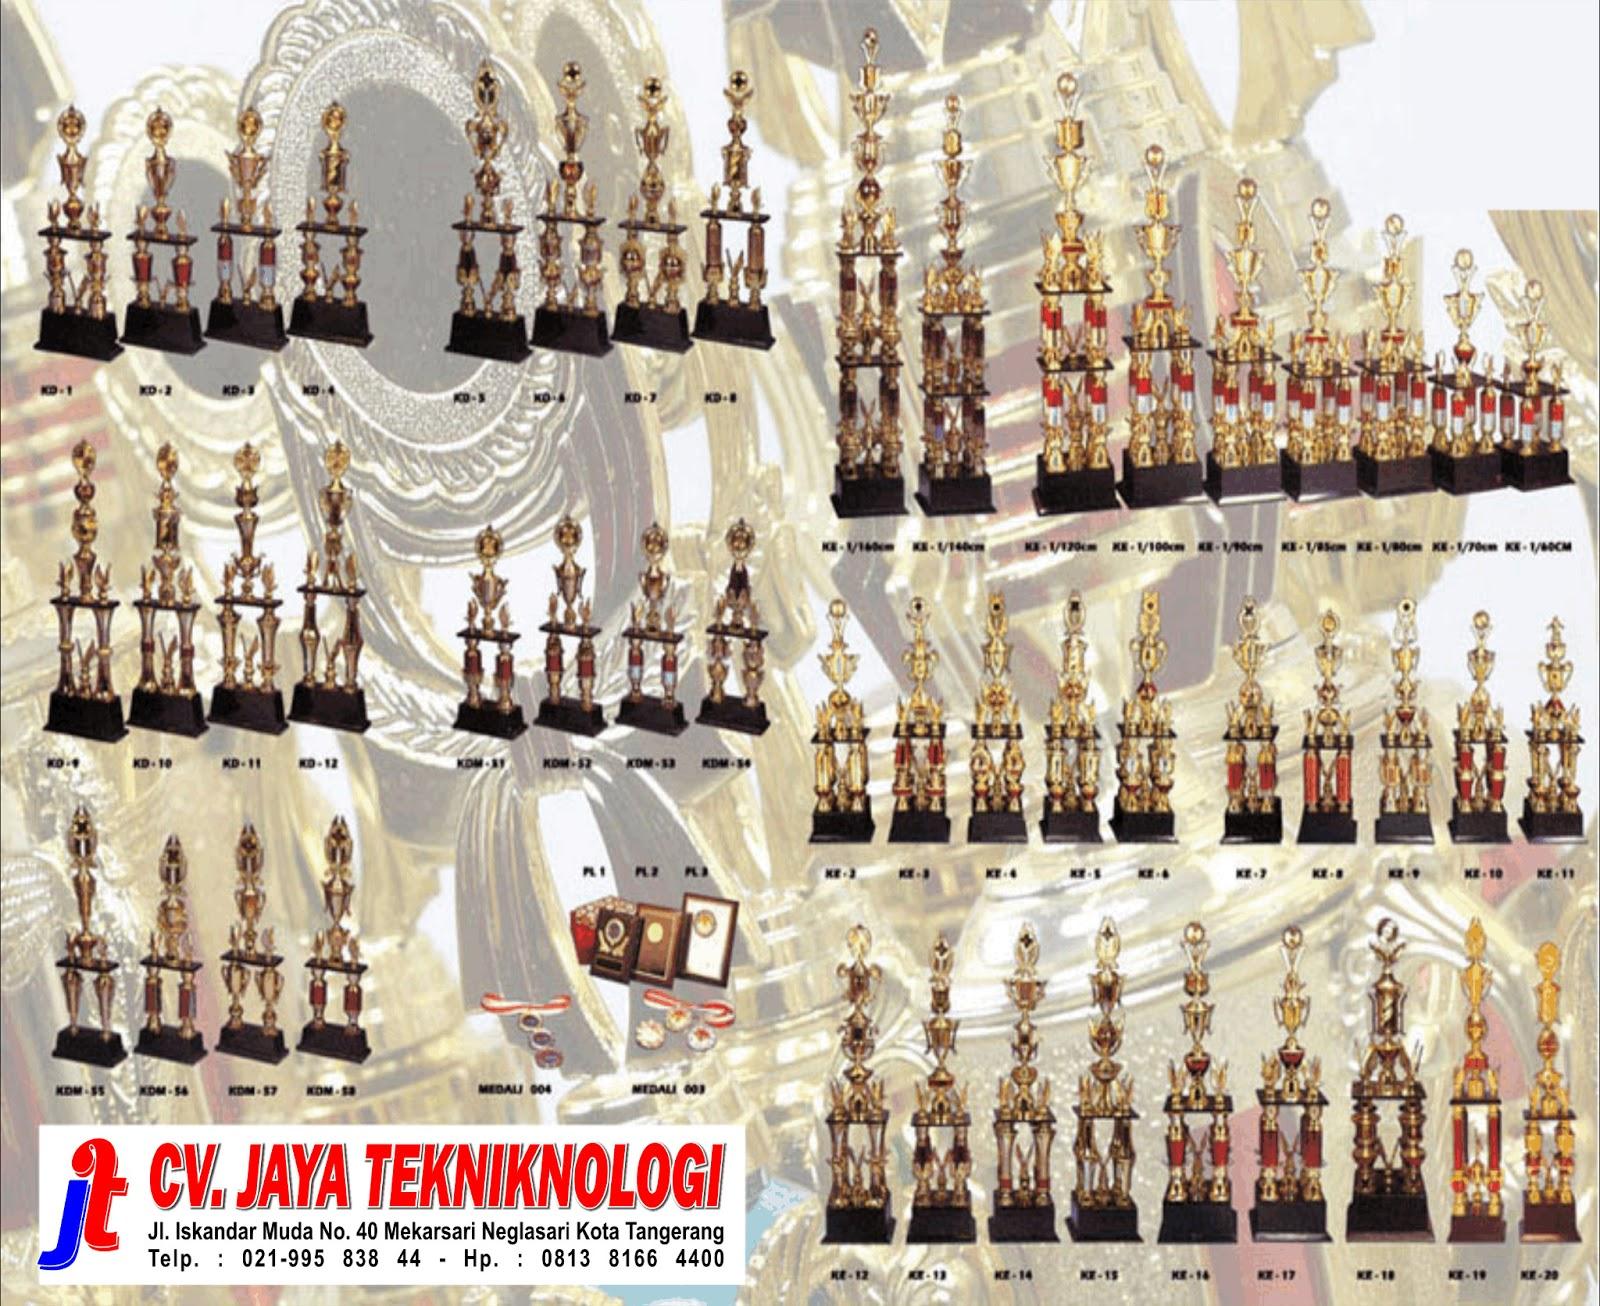 Piala Murah Dan Terlengkap Kota Tangerang Bergaransi